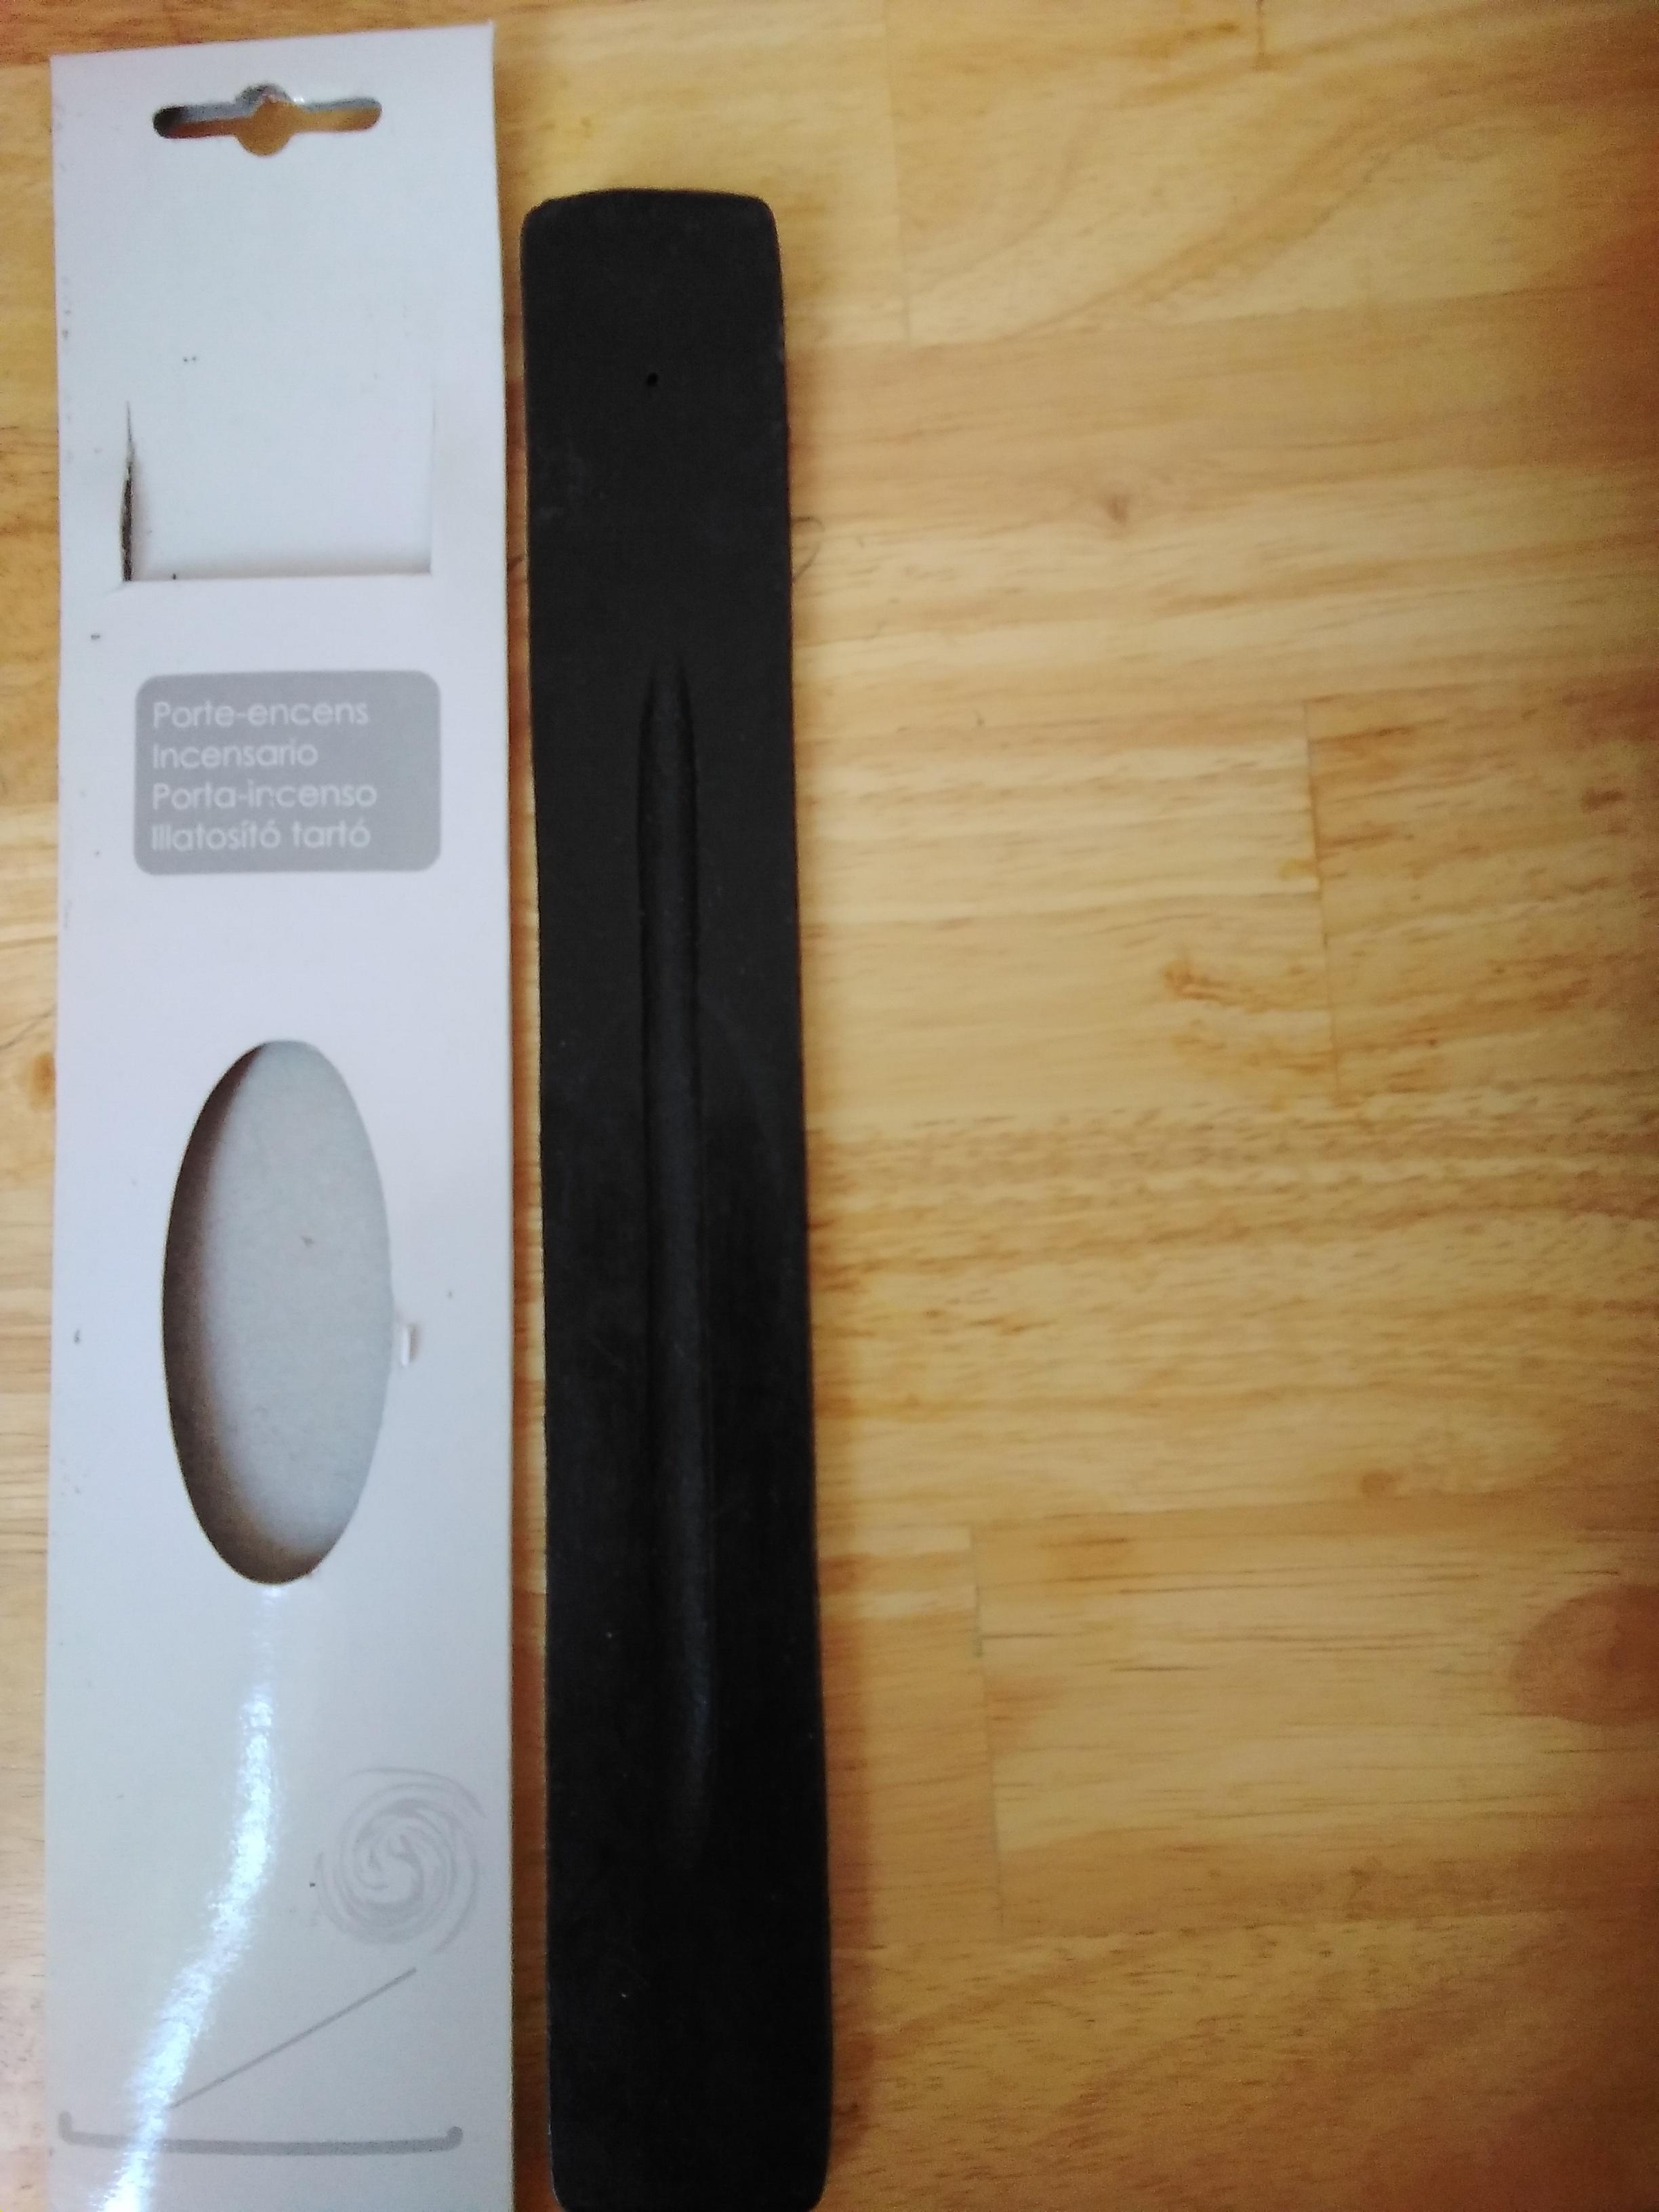 troc de troc porte encens noir neuf image 1